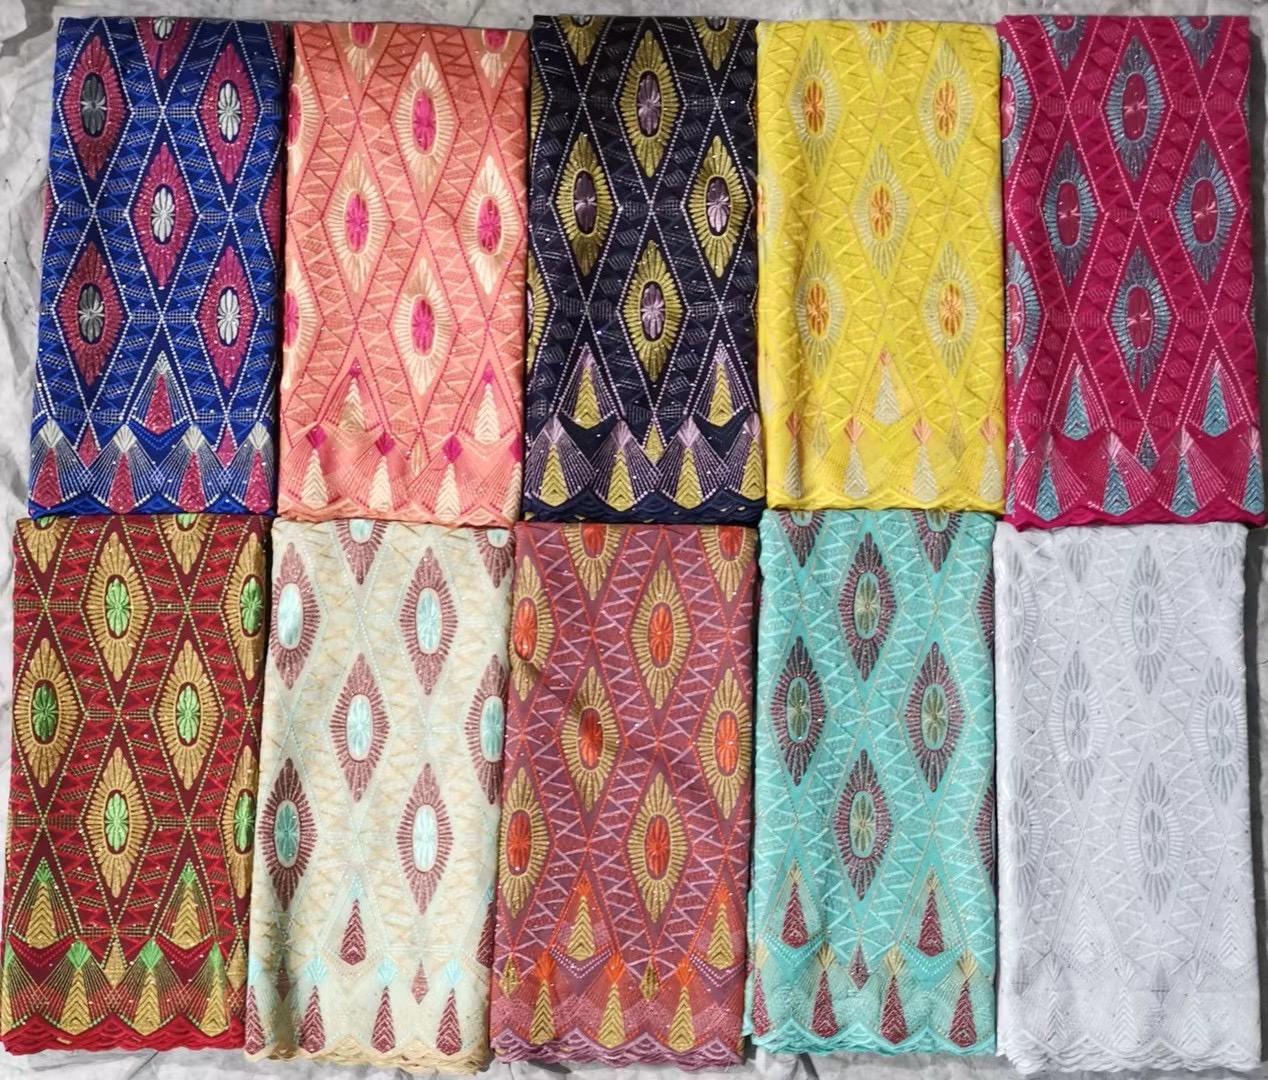 Voile de algodão suíço de alta qualidade Voile Áustria Voile Tecido de renda suíça Voile de algodão suíço africano para vestuário